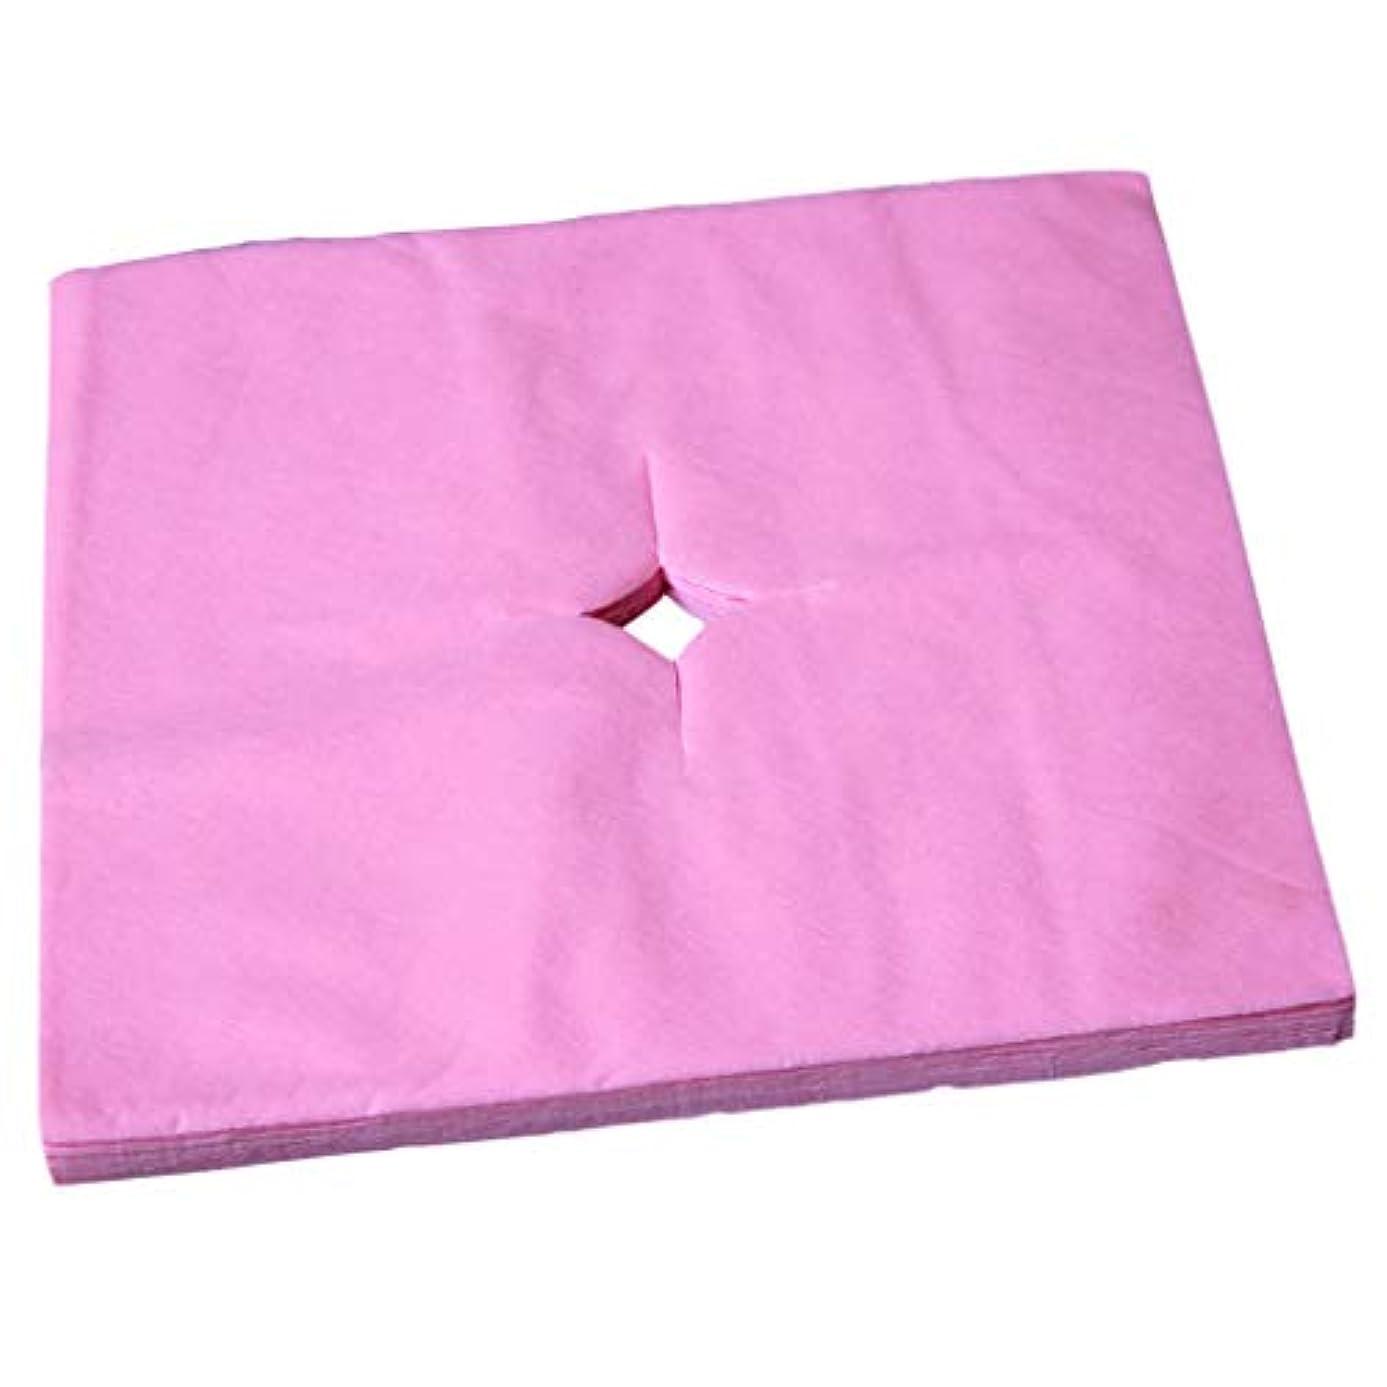 シビック少しコンソールdailymall 100ピース/個スパサロン使い捨てマッサージフェイスレストクッションカバークレードルシートクロスカットホール - ピンク